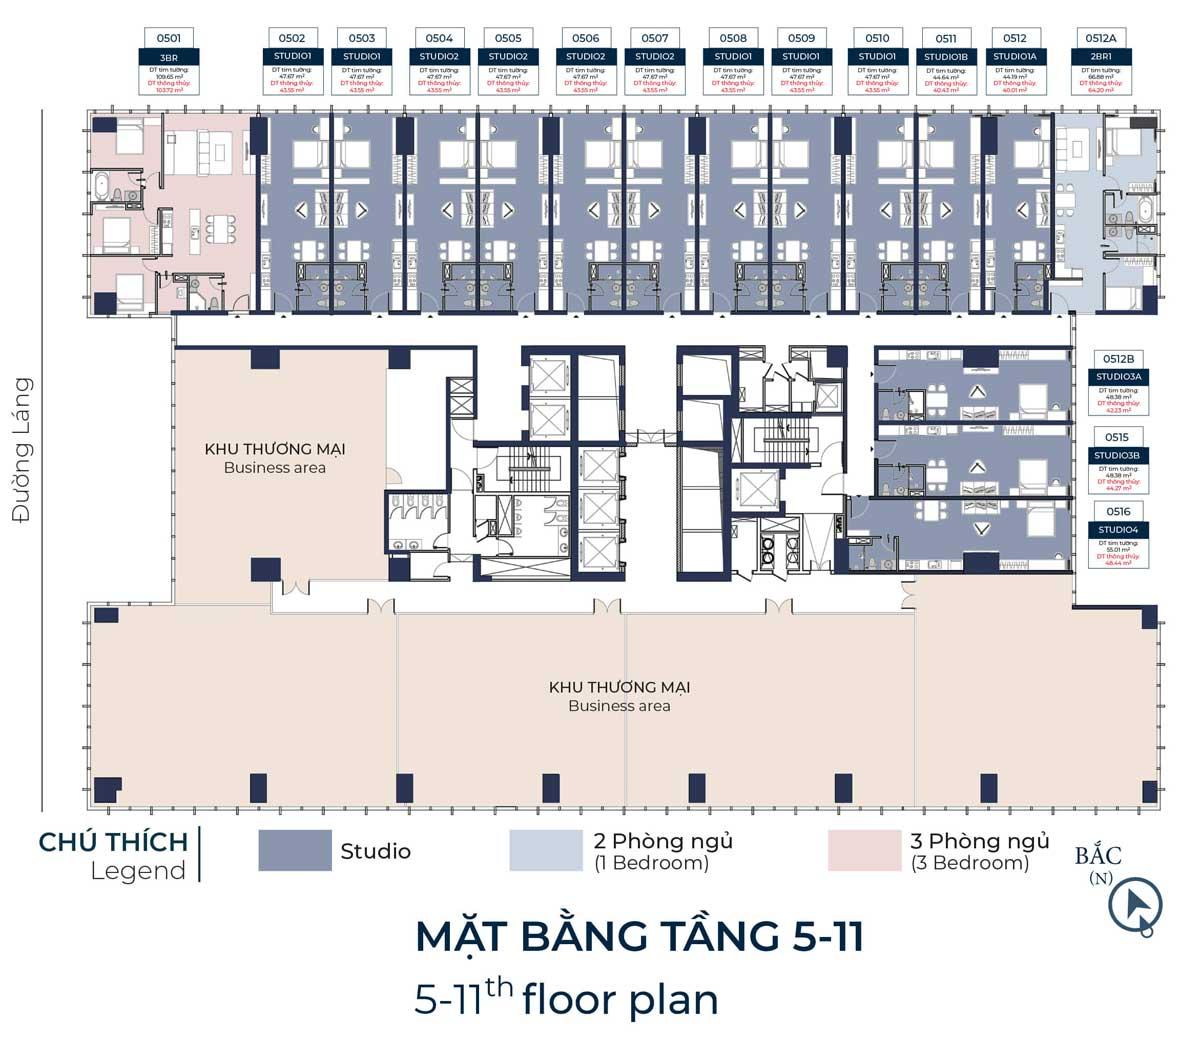 mat bang tang 5 11 du an lancaster luminnaire - mat-bang-tang-5-11-du-an-lancaster-luminnaire